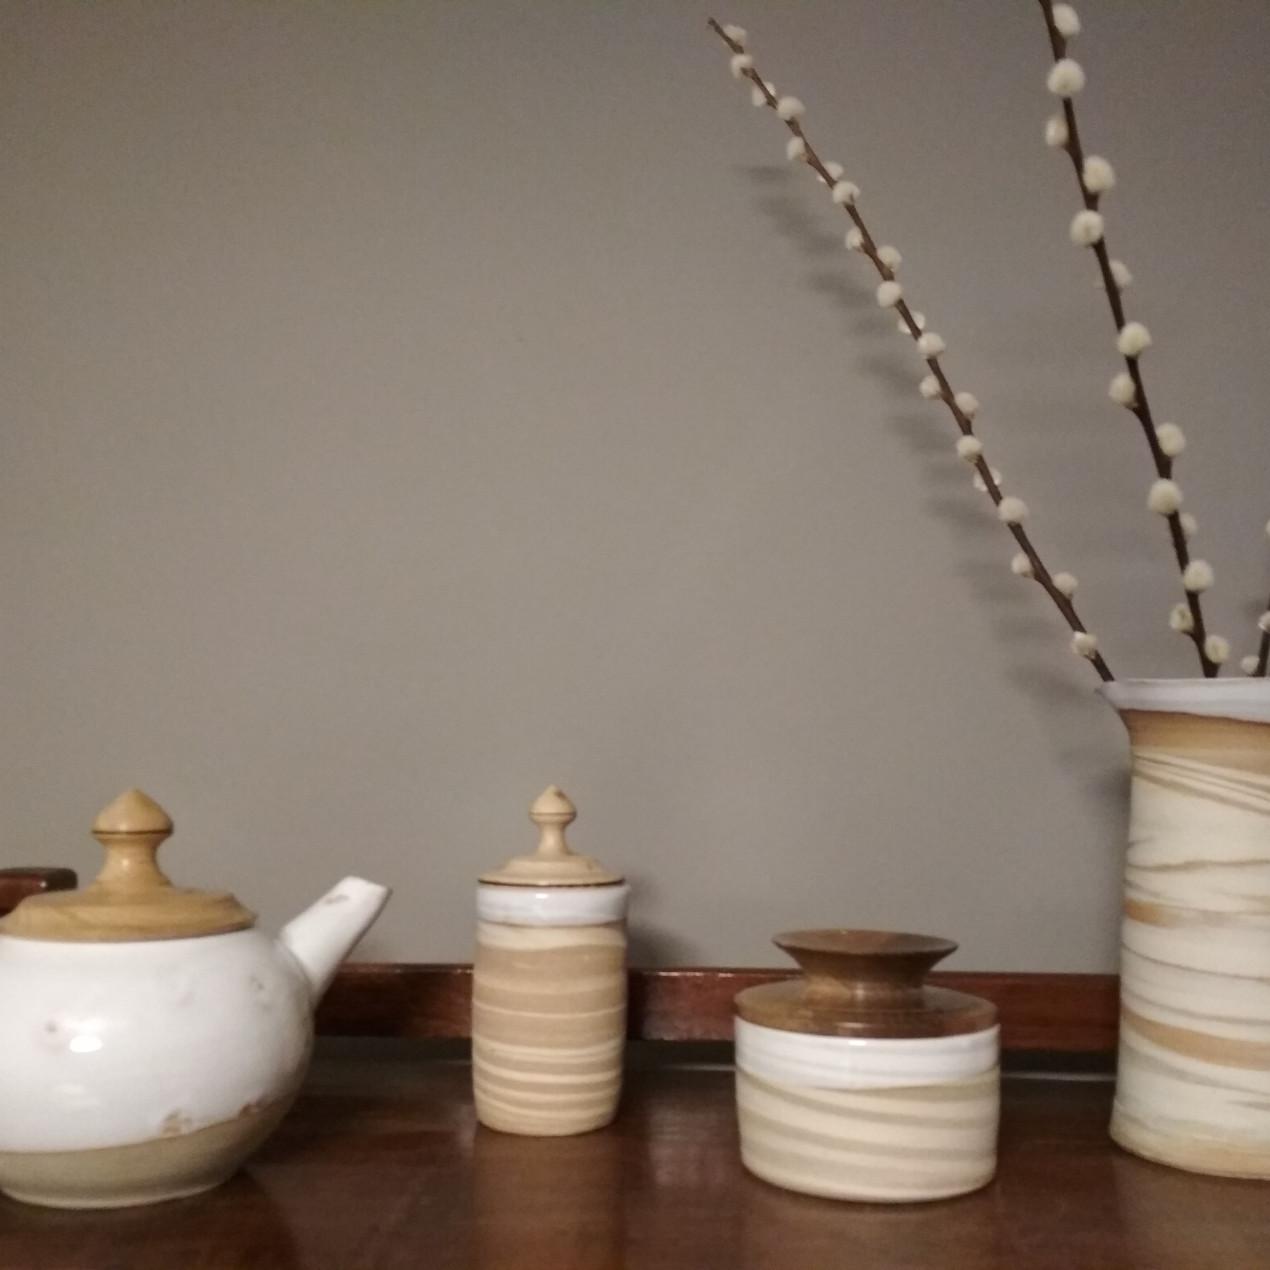 Collection de boîtes et théière à couvercle en bois tourné. Collaboration avec Hubert de Labbey.